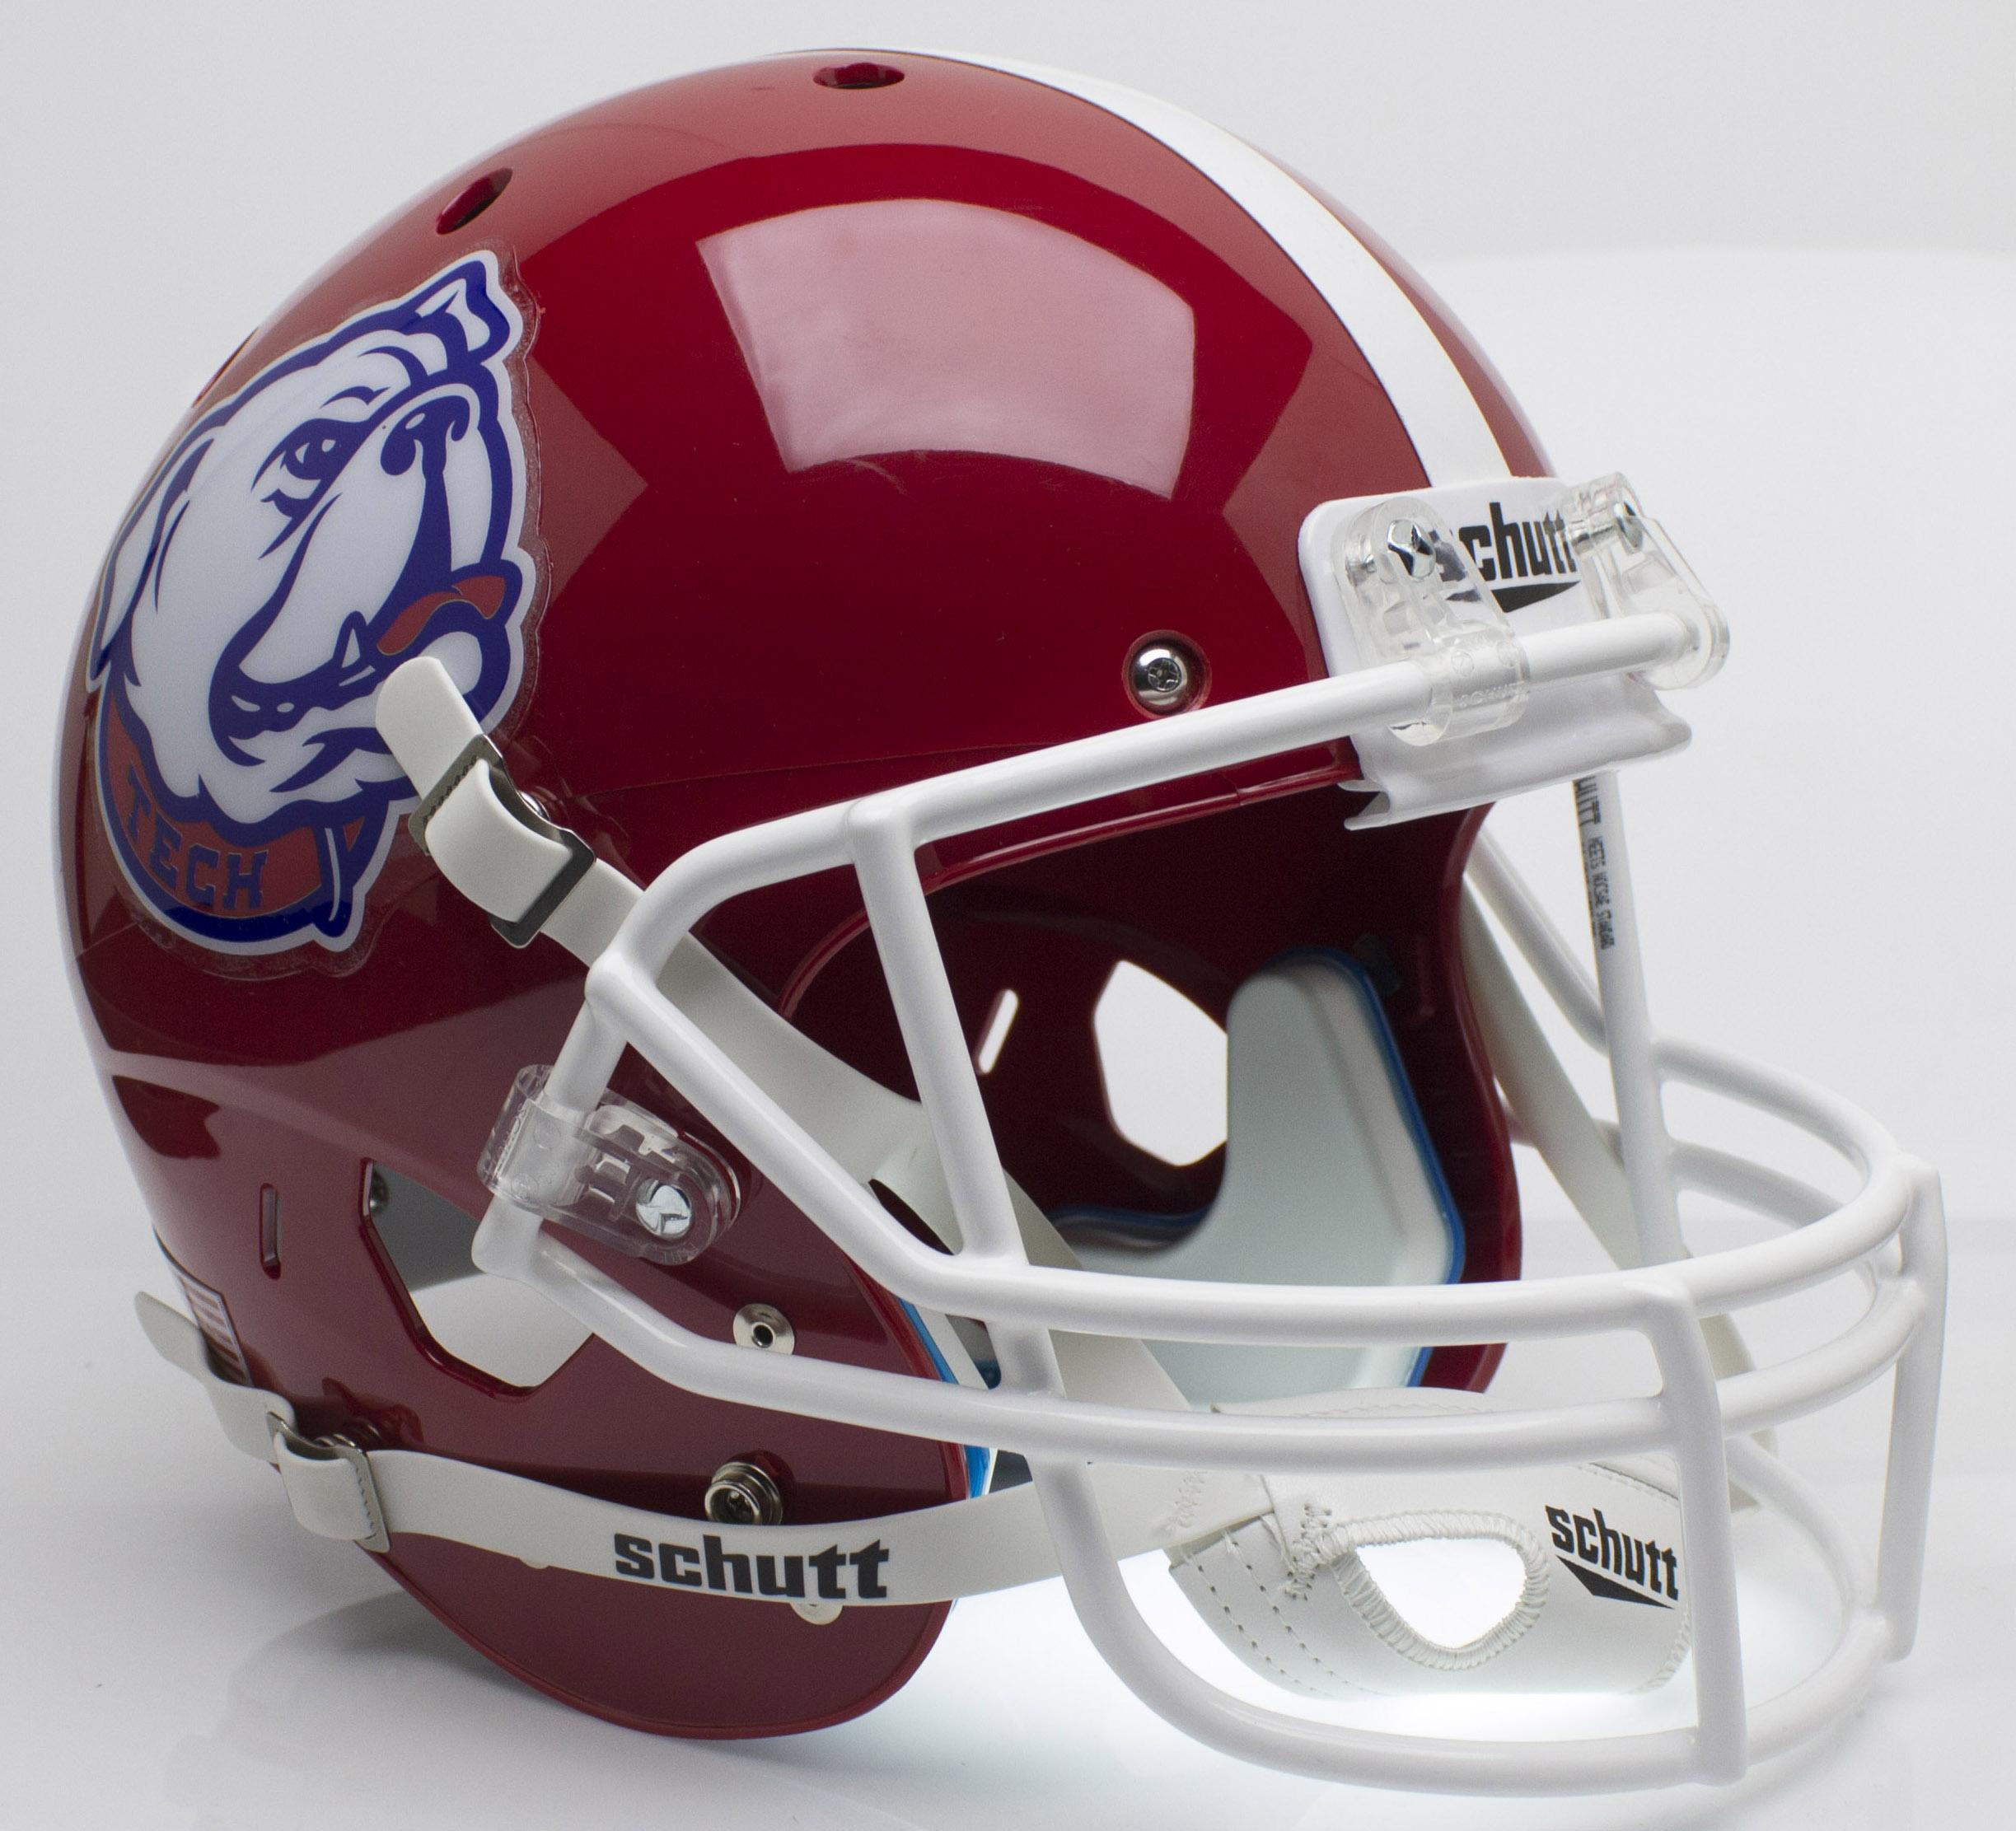 Louisiana Tech Bulldogs Full XP Replica Football Helmet Schutt <B>Bulldog</B>